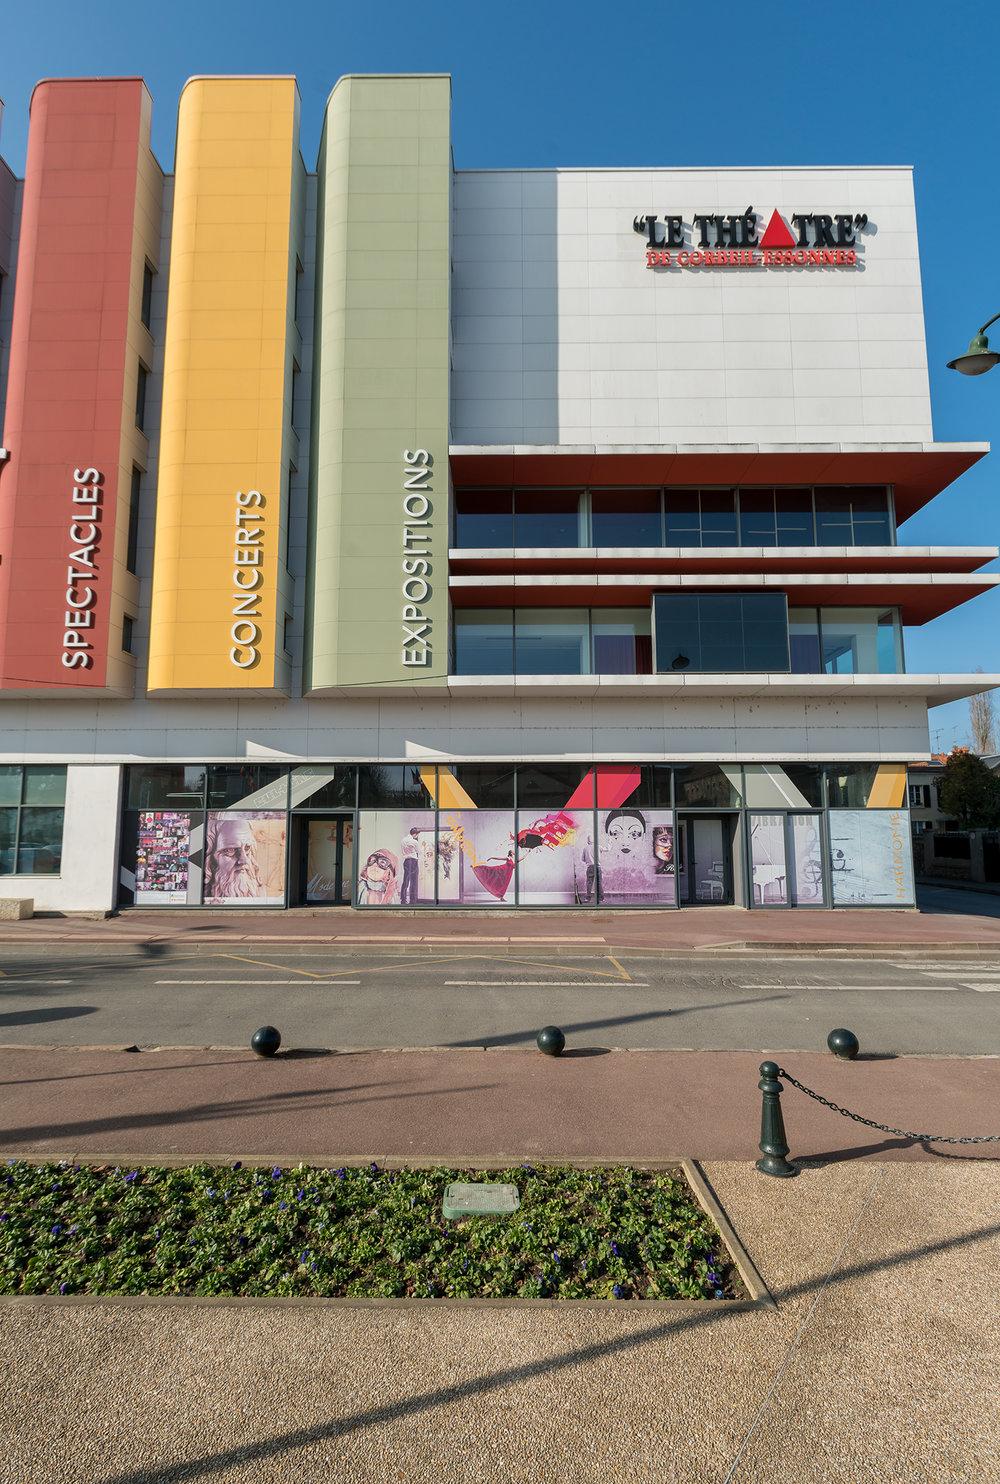 SERTAC Theatre de Corbeille almaphotos-09543_web.jpg